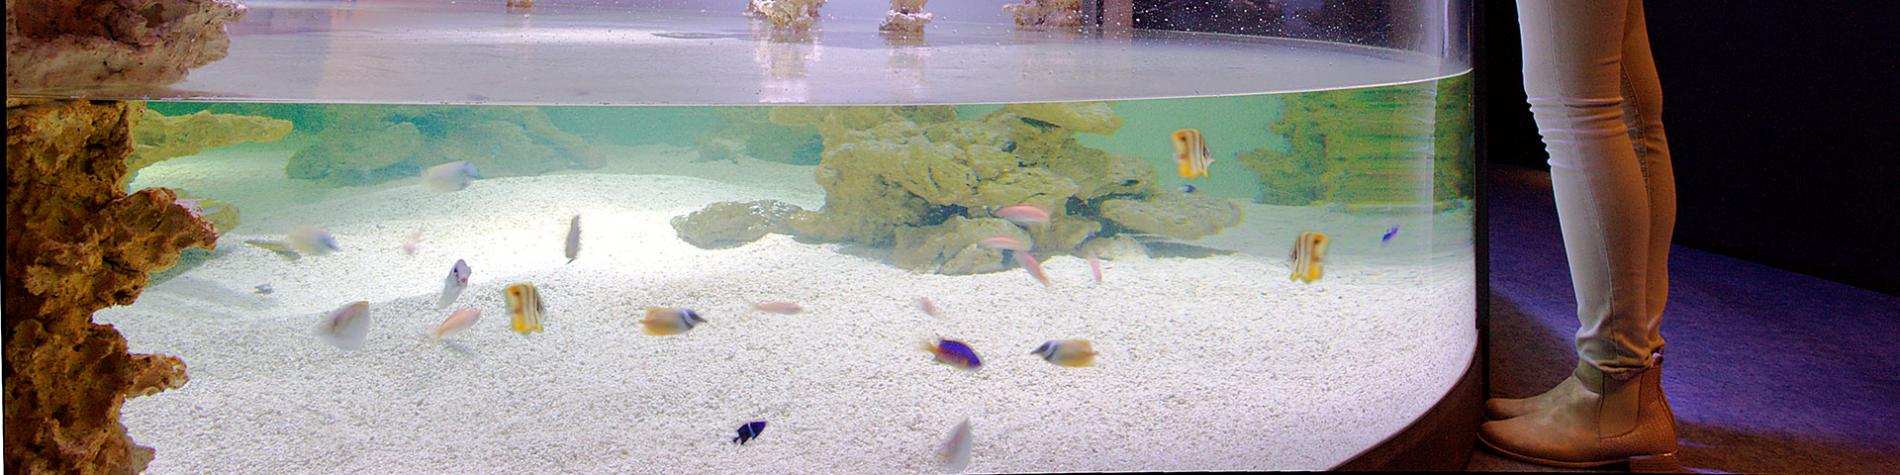 L'Aquarium-Muséum Universitaire - Liège - Plongée magique - monde aquatique - 20 000 spécimens - lagon